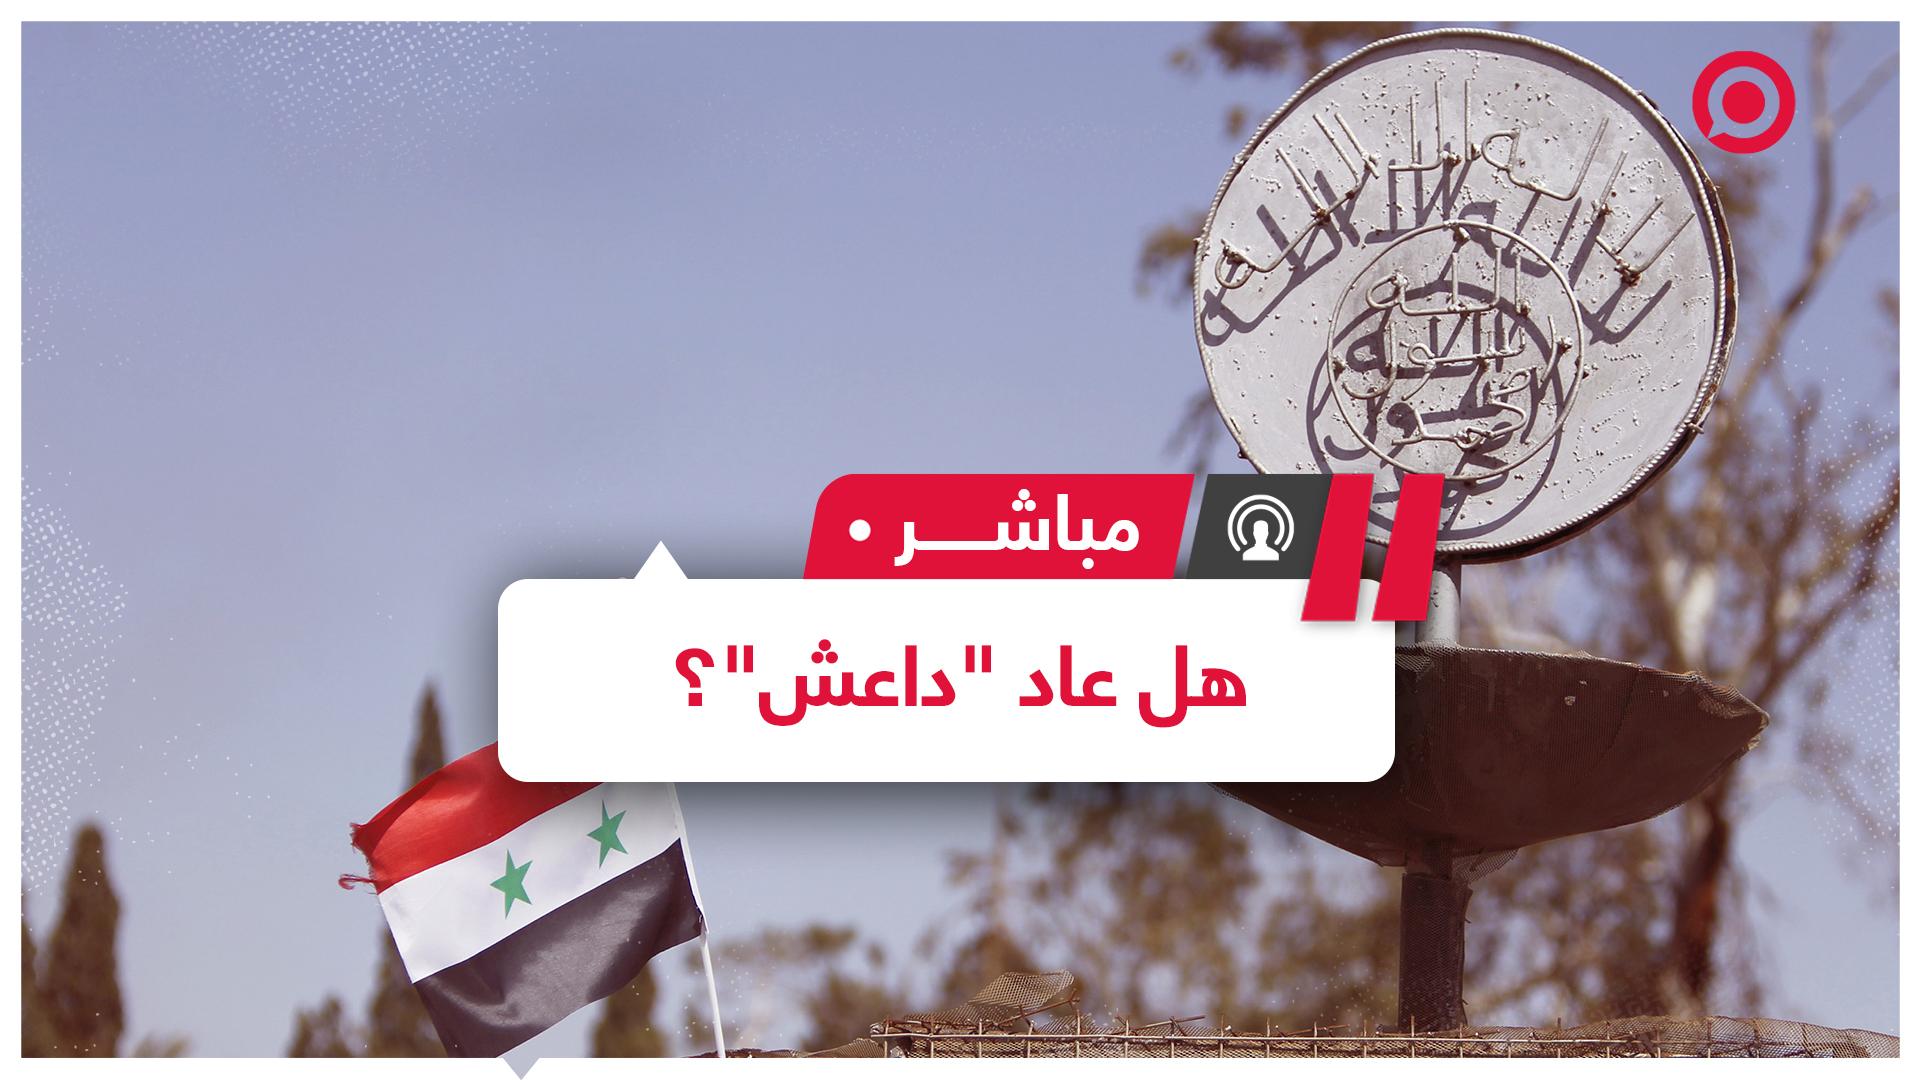 هجمات متكررة في العراق وسوريا تثير التساؤلات عن عودة